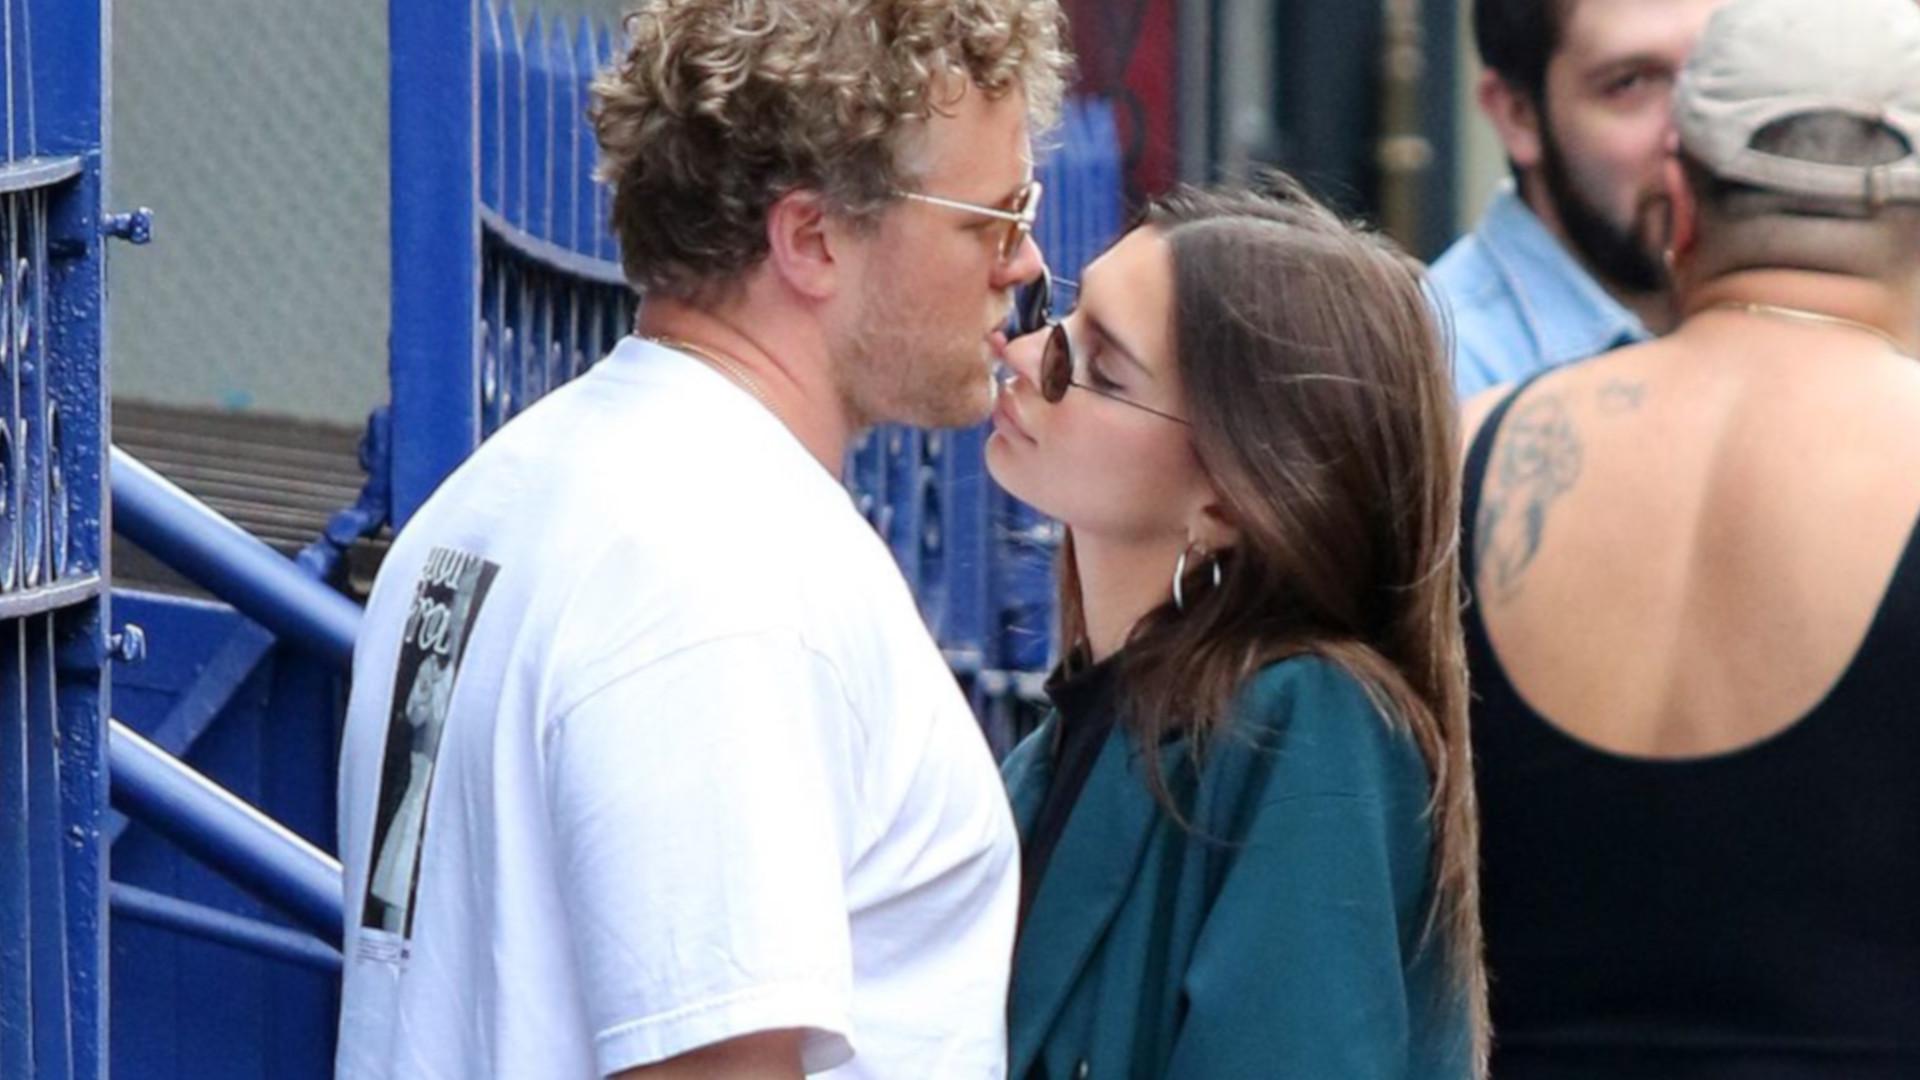 Zakochana Emily Ratajkowski z mężem